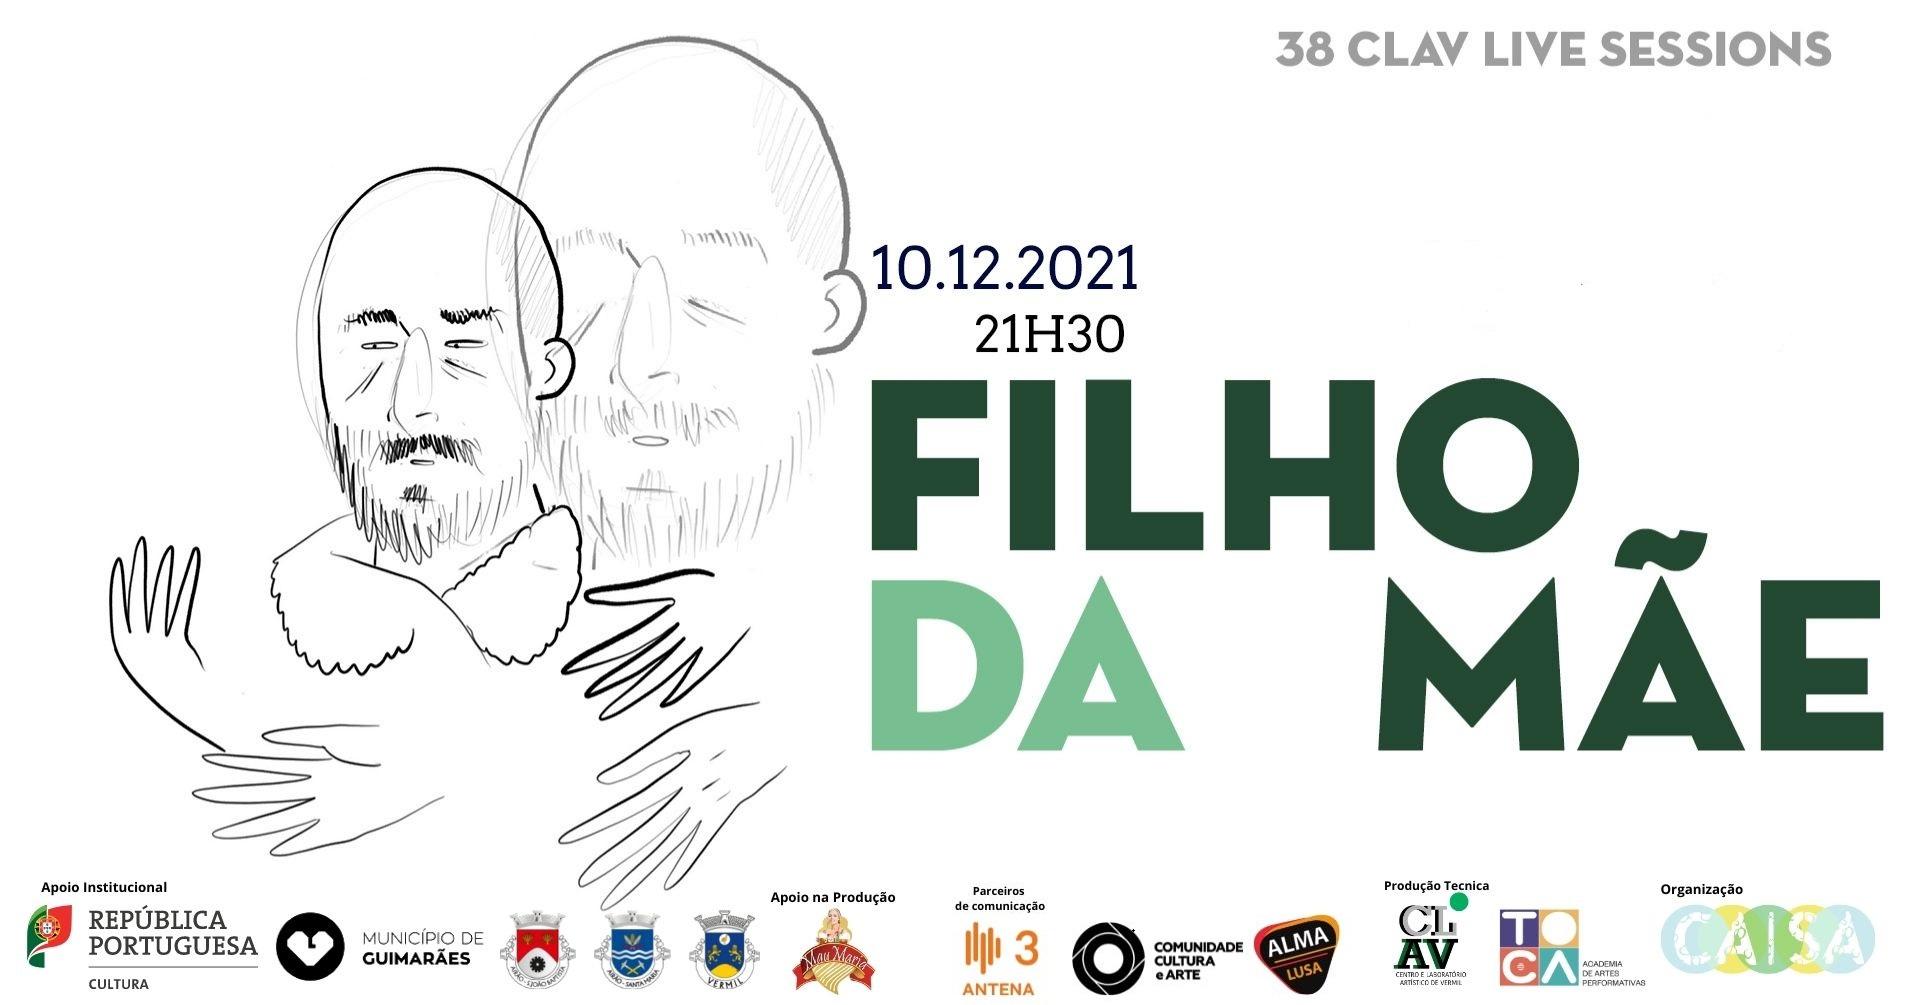 38ª CLAV Live Session // FILHO DA MÃE